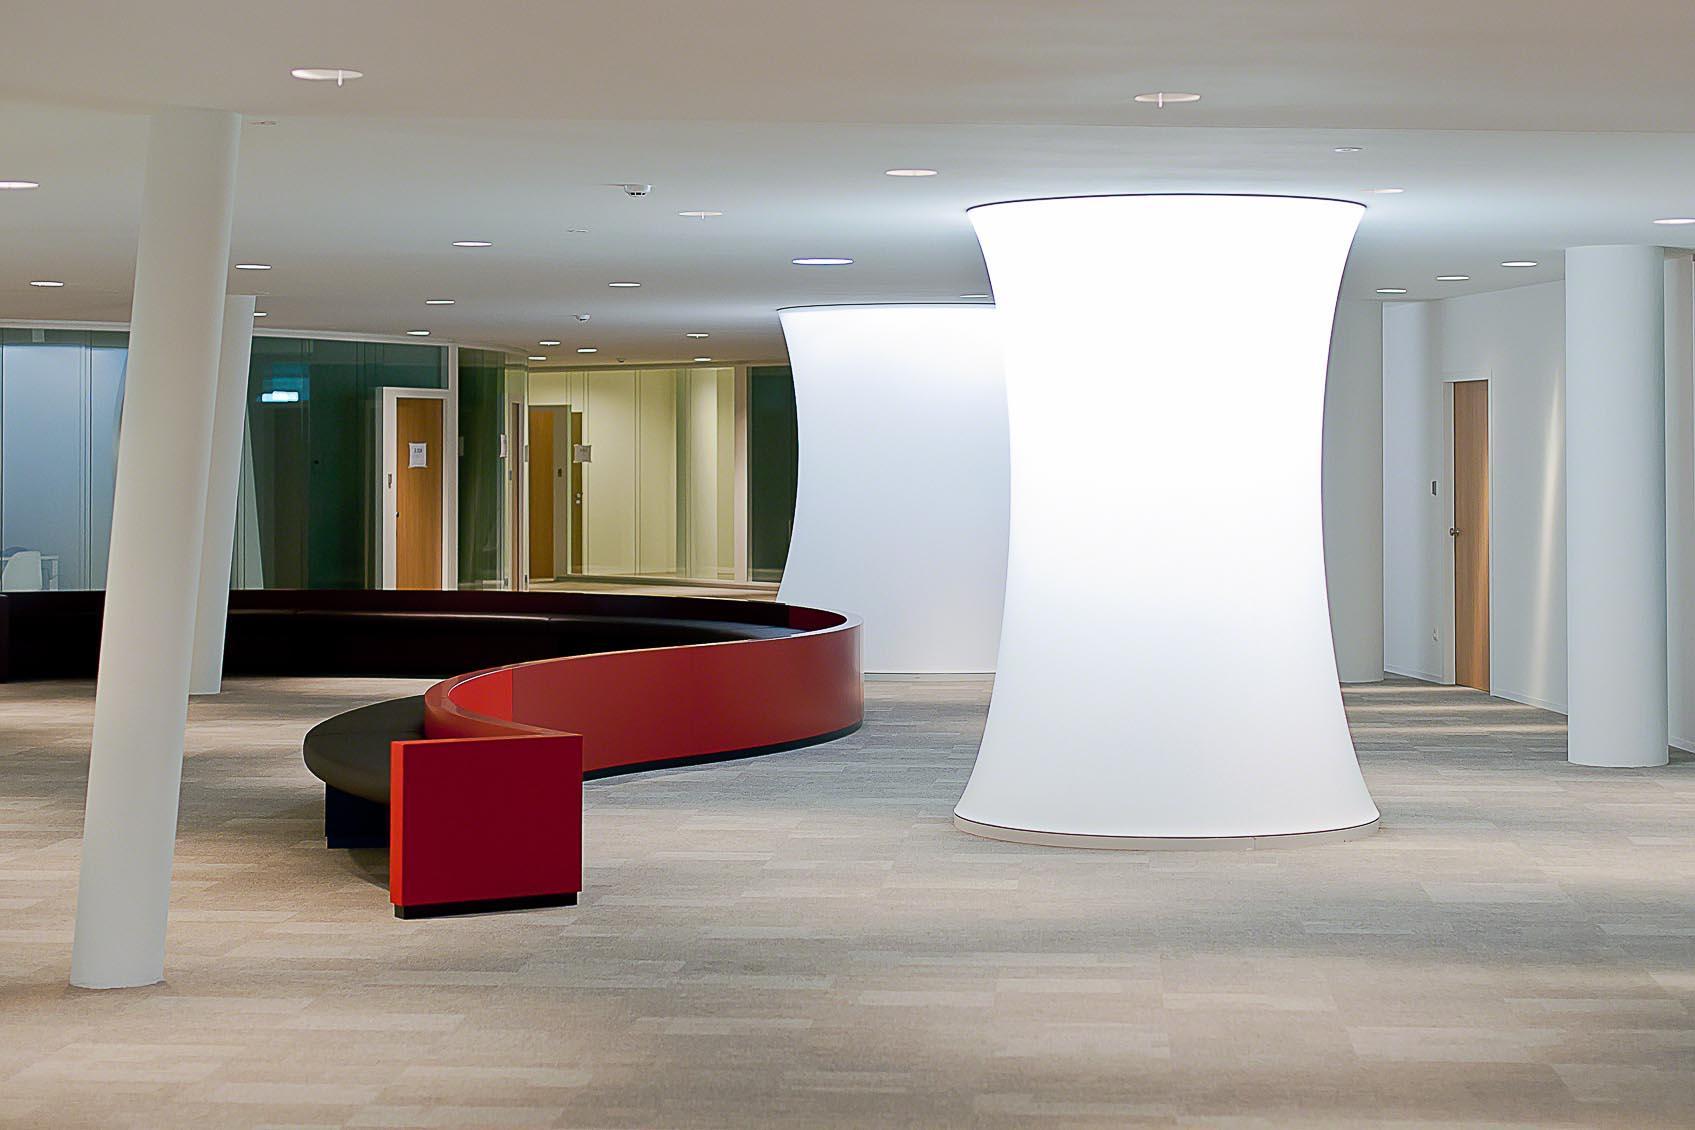 kleur, verlichting en architectuur vloeien in elkaar over in modern lichtconcept